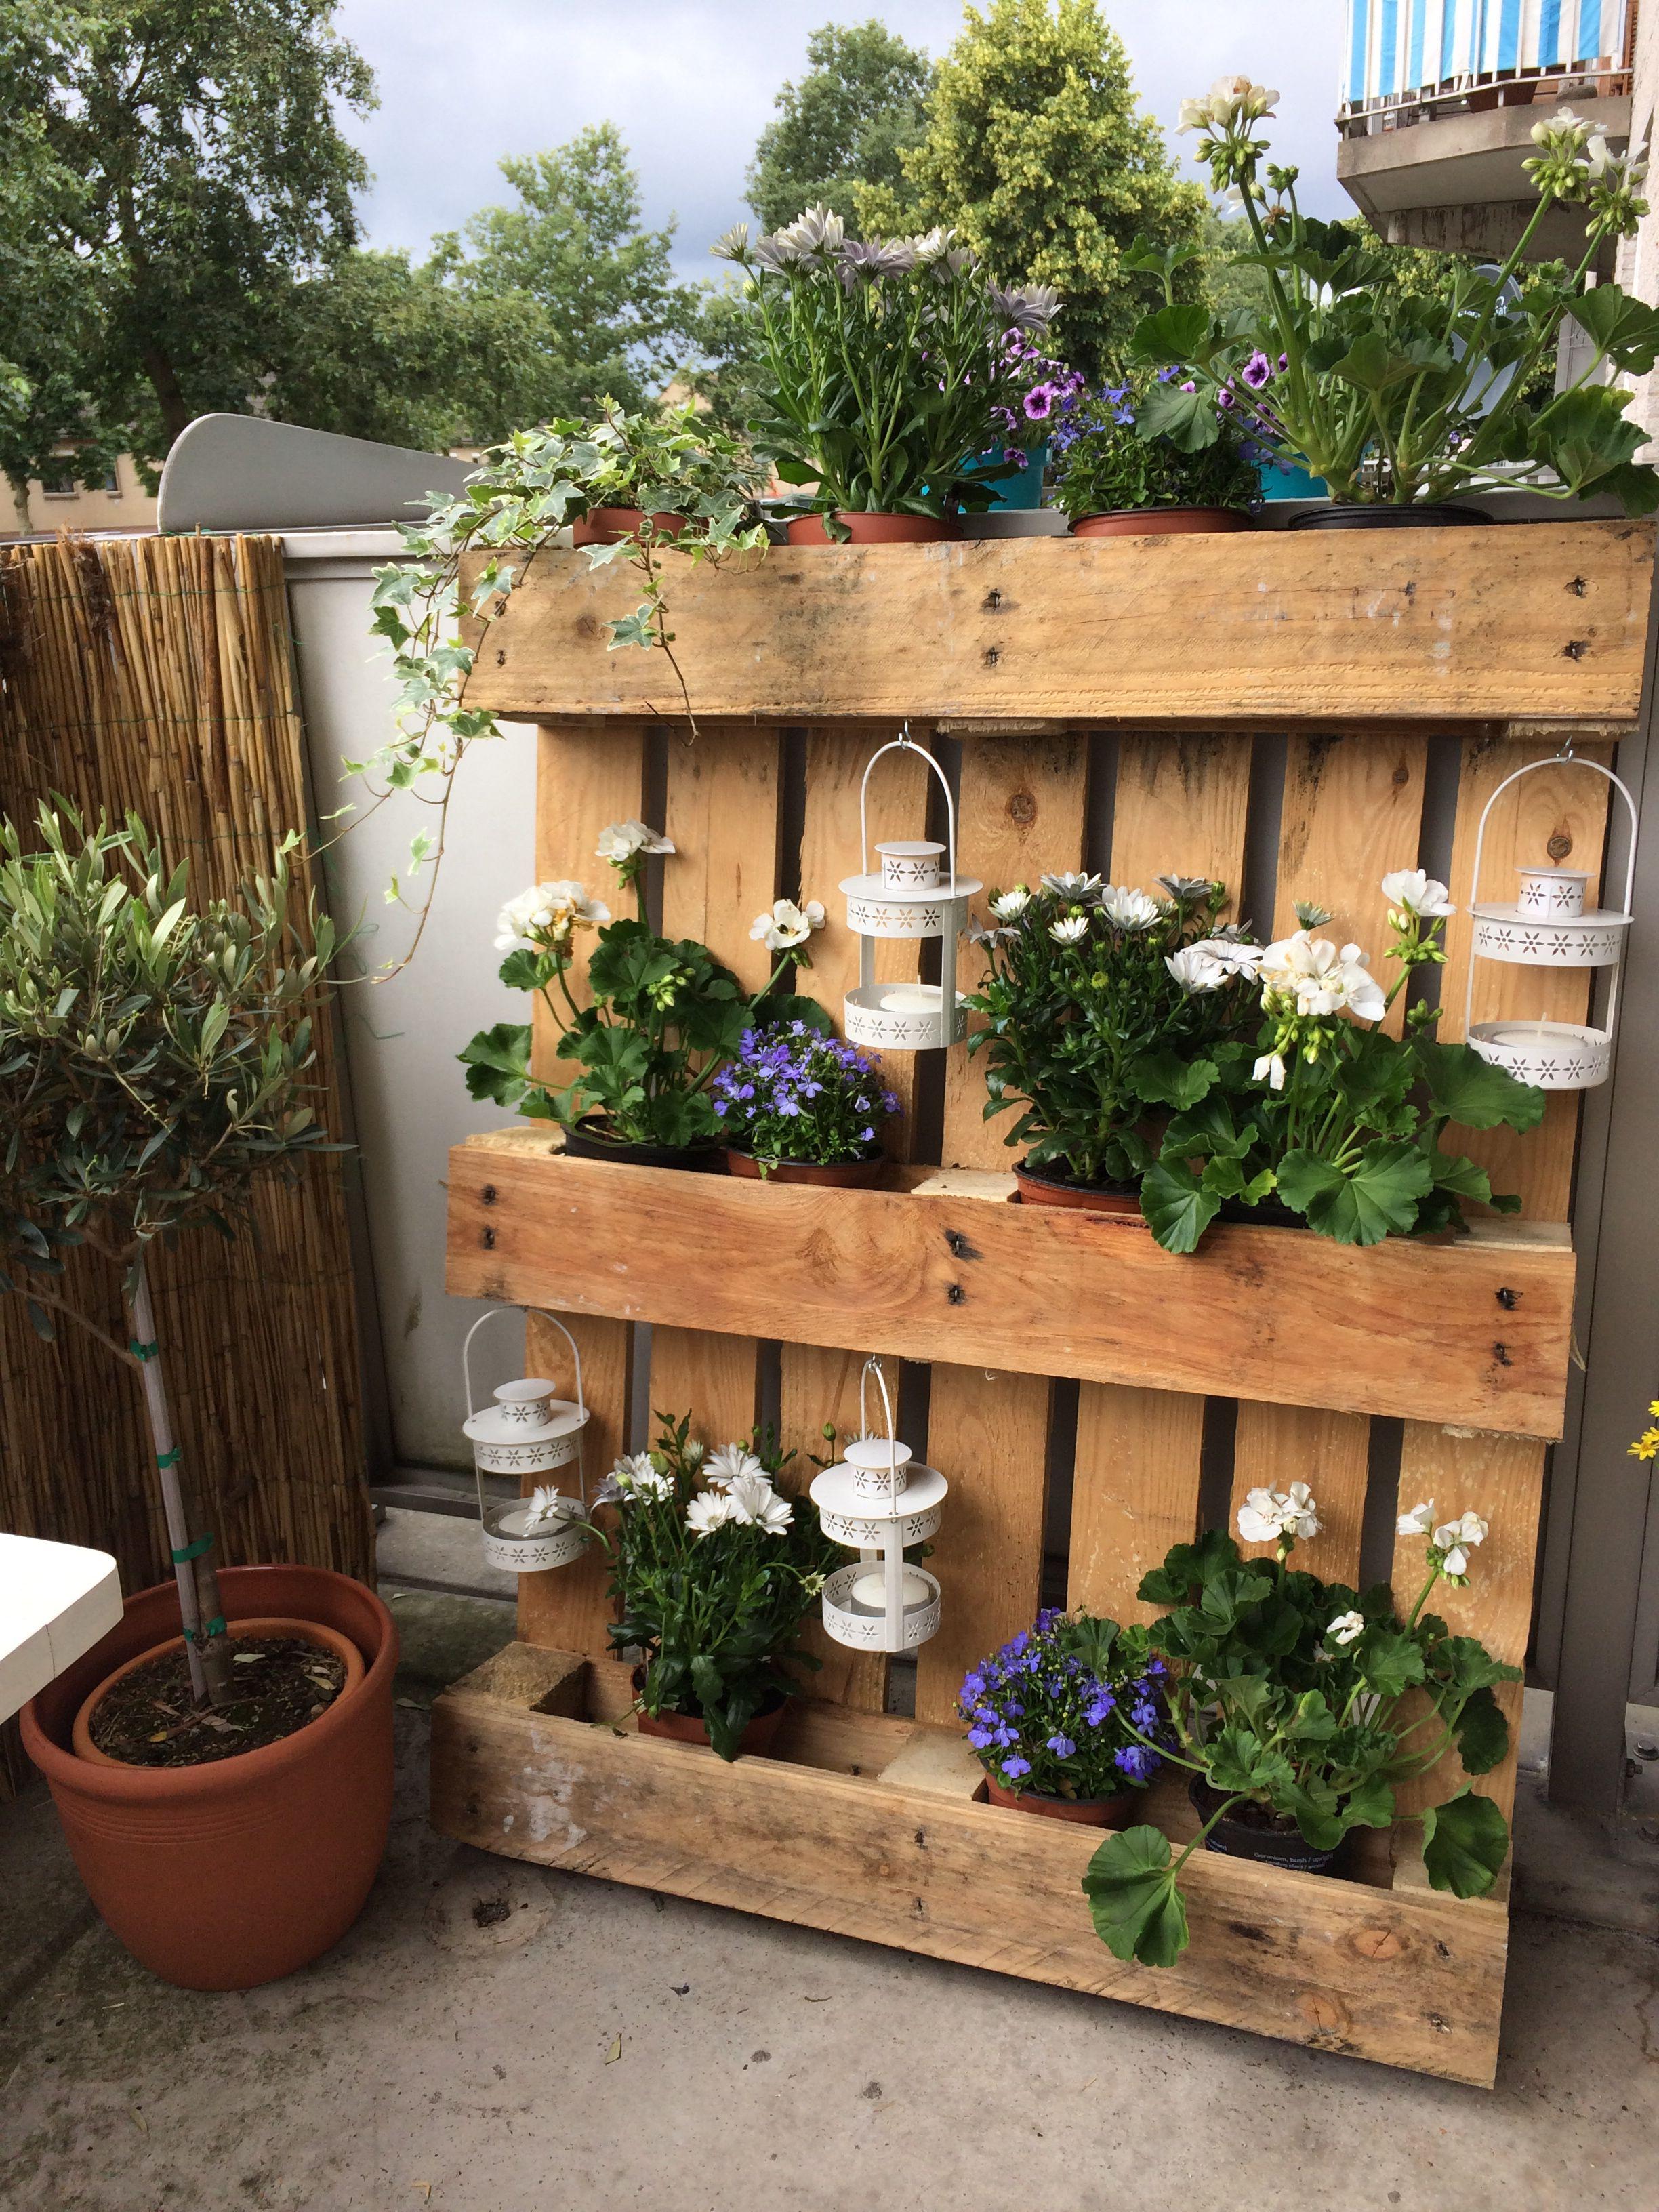 Badezimmer dekor mit einweckgläsern diy pallet balkon  einrichtung  pinterest  jardinería palets und